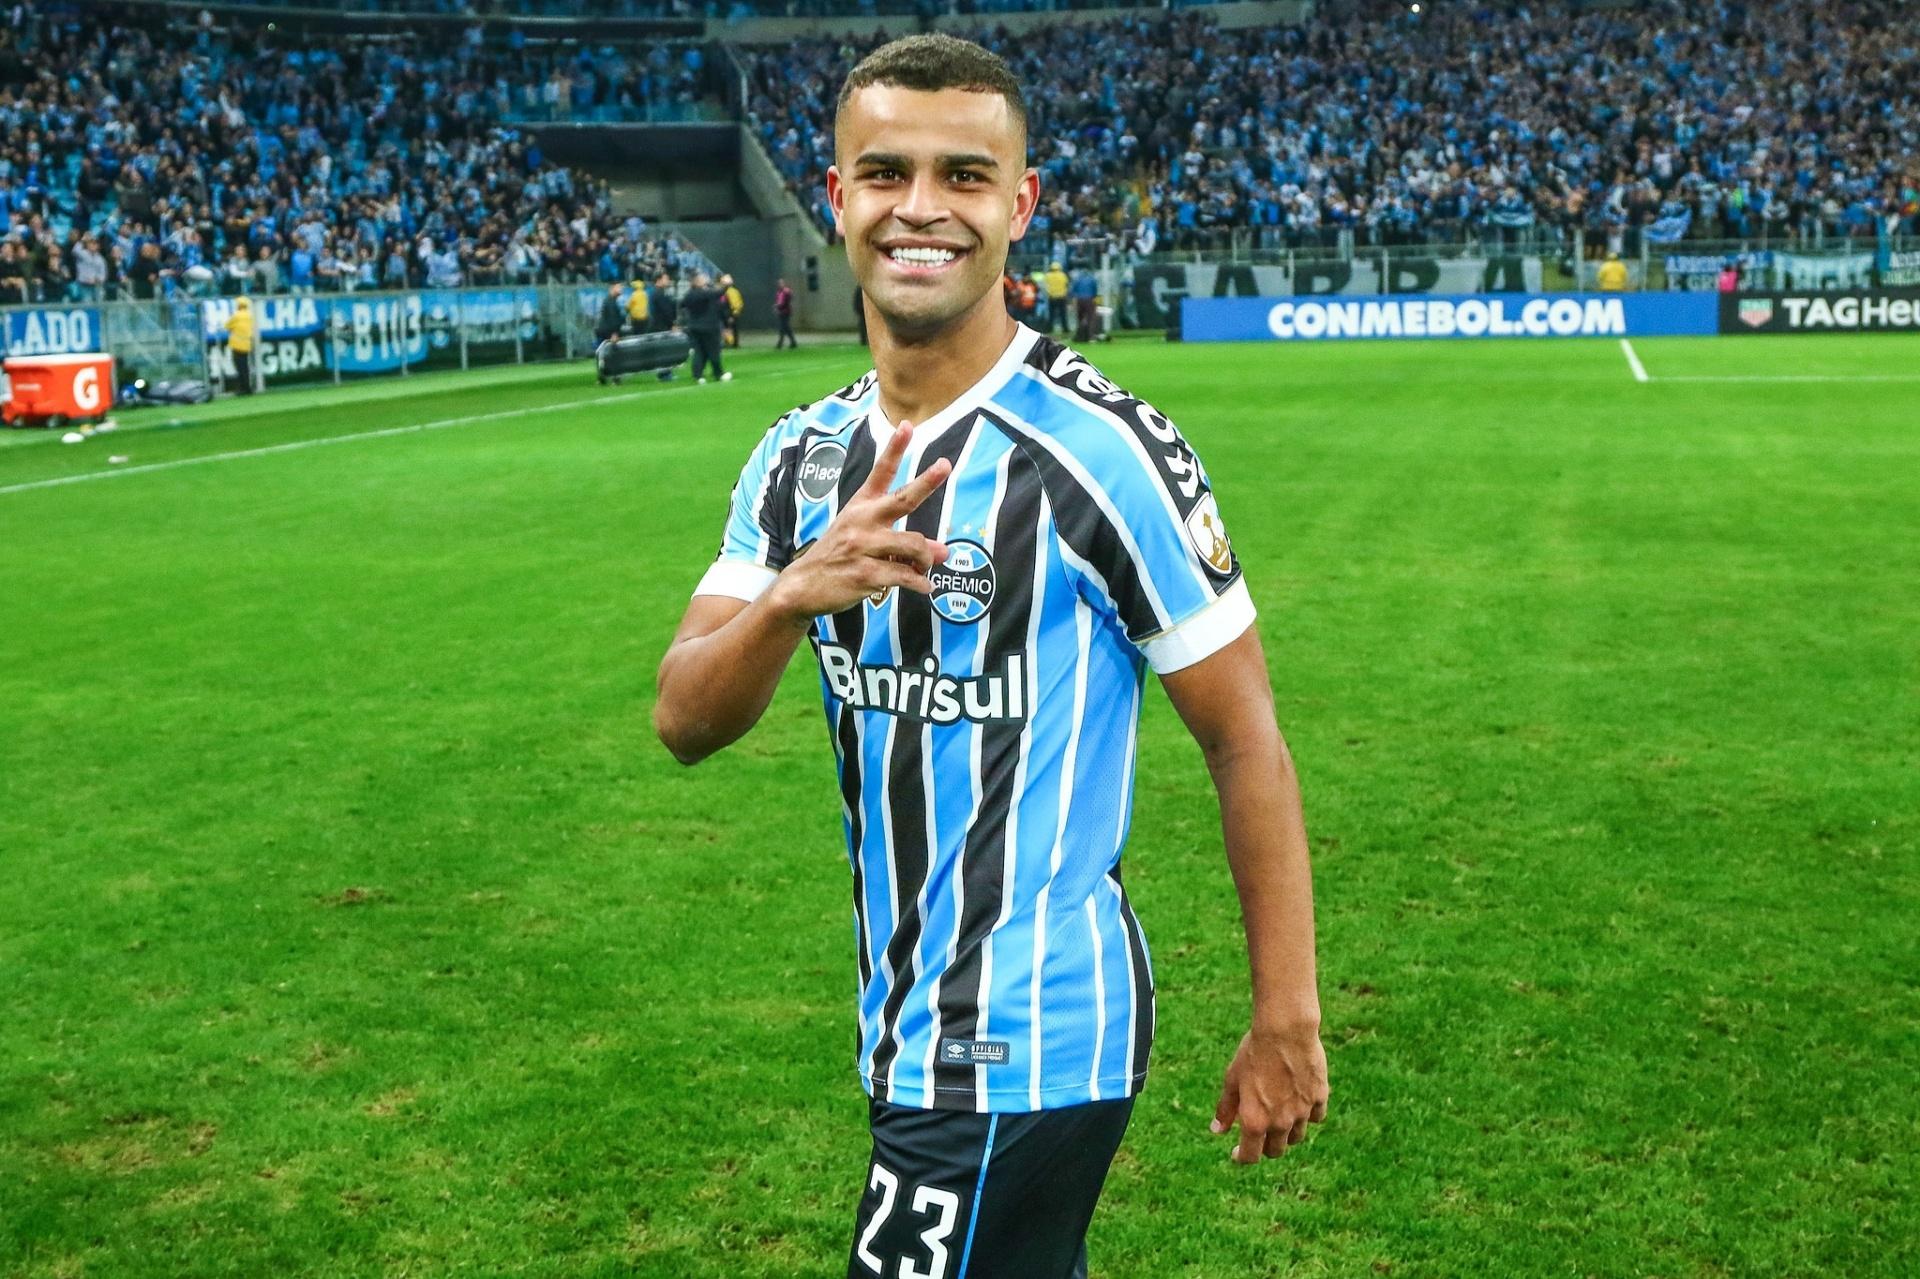 Grêmio recebe Paraná em jogo que era para ser teste de Libertadores -  Esporte - BOL cc0e9d19cb283